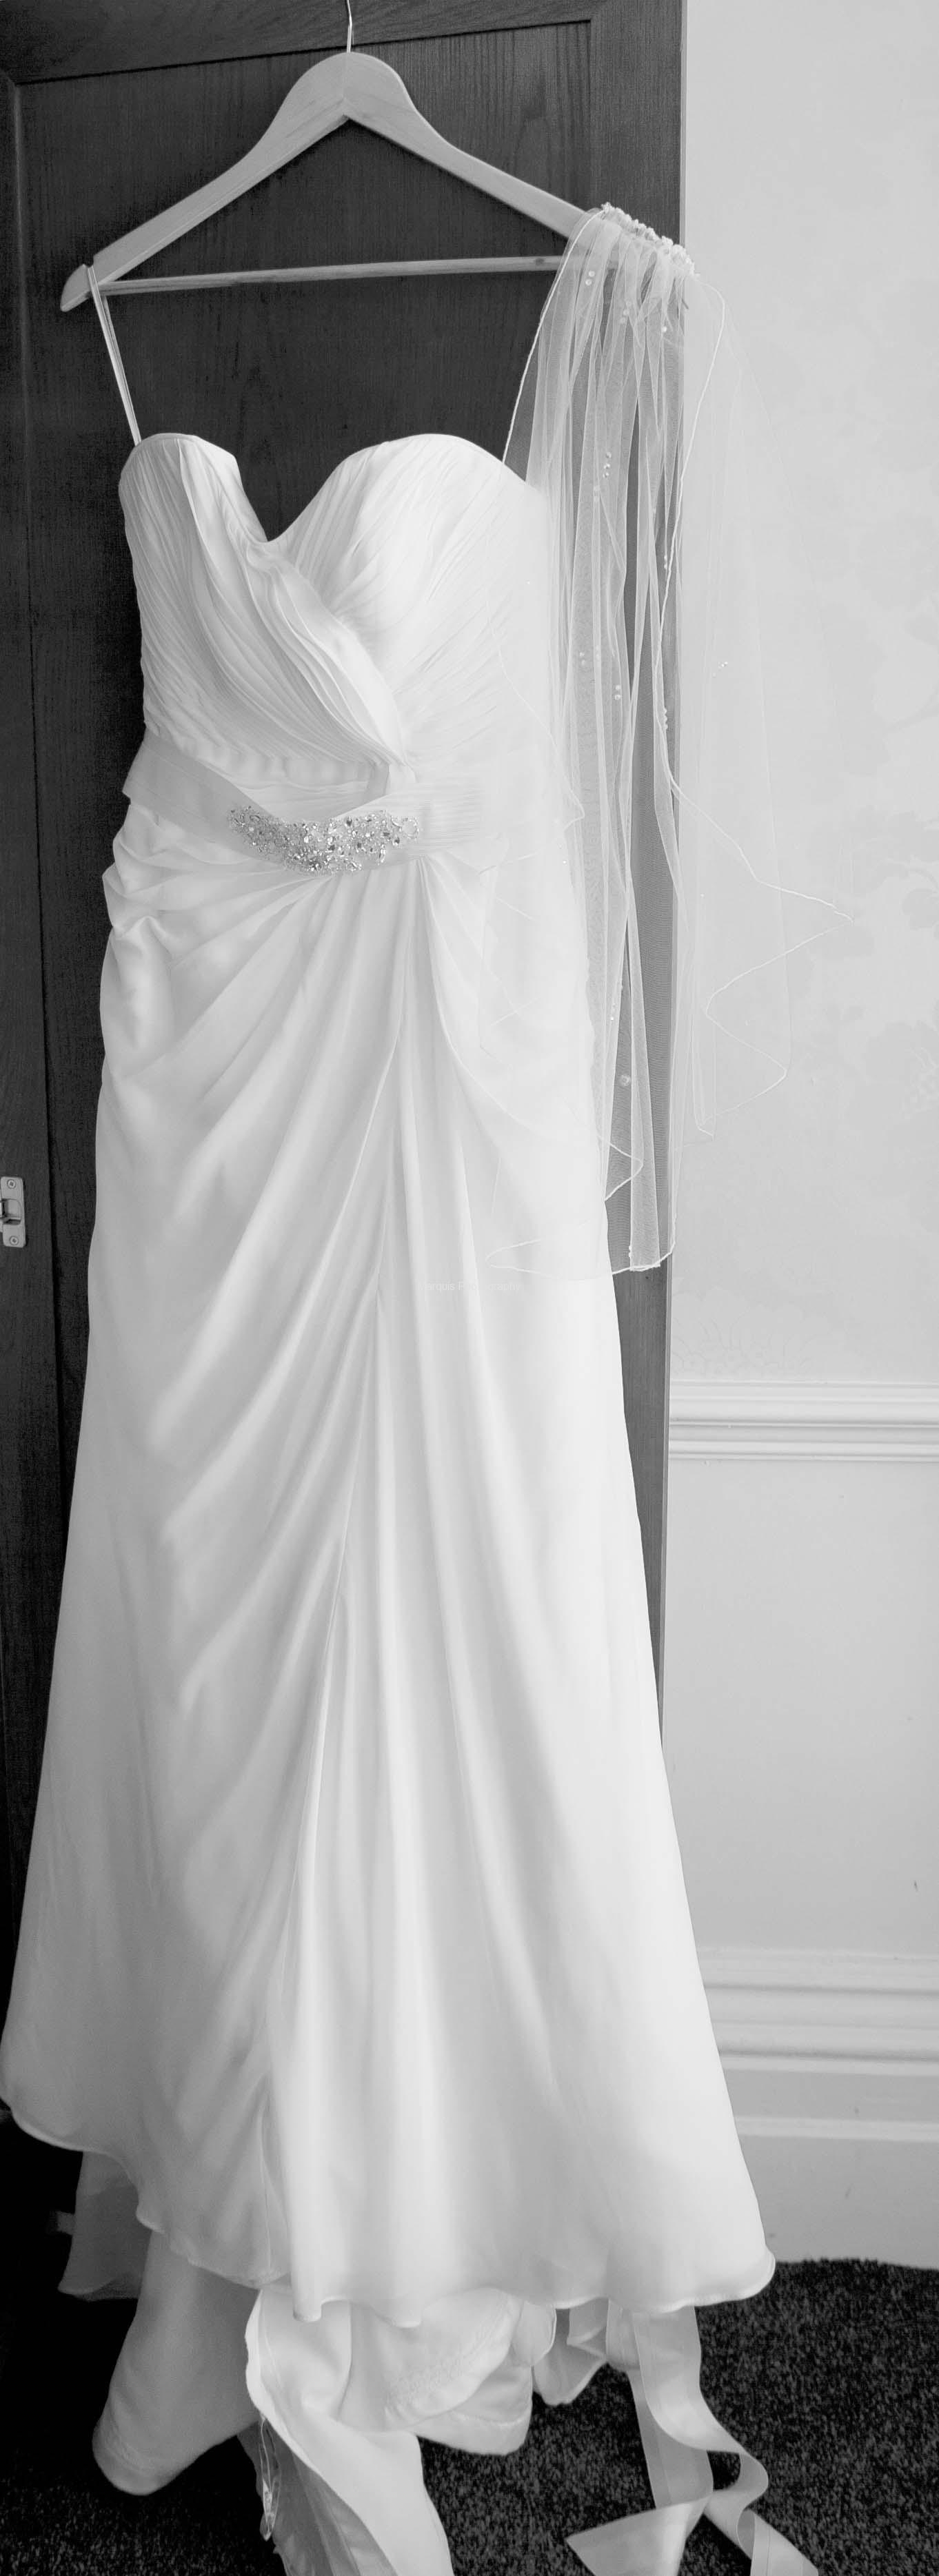 _mg_7292-dress-b-w